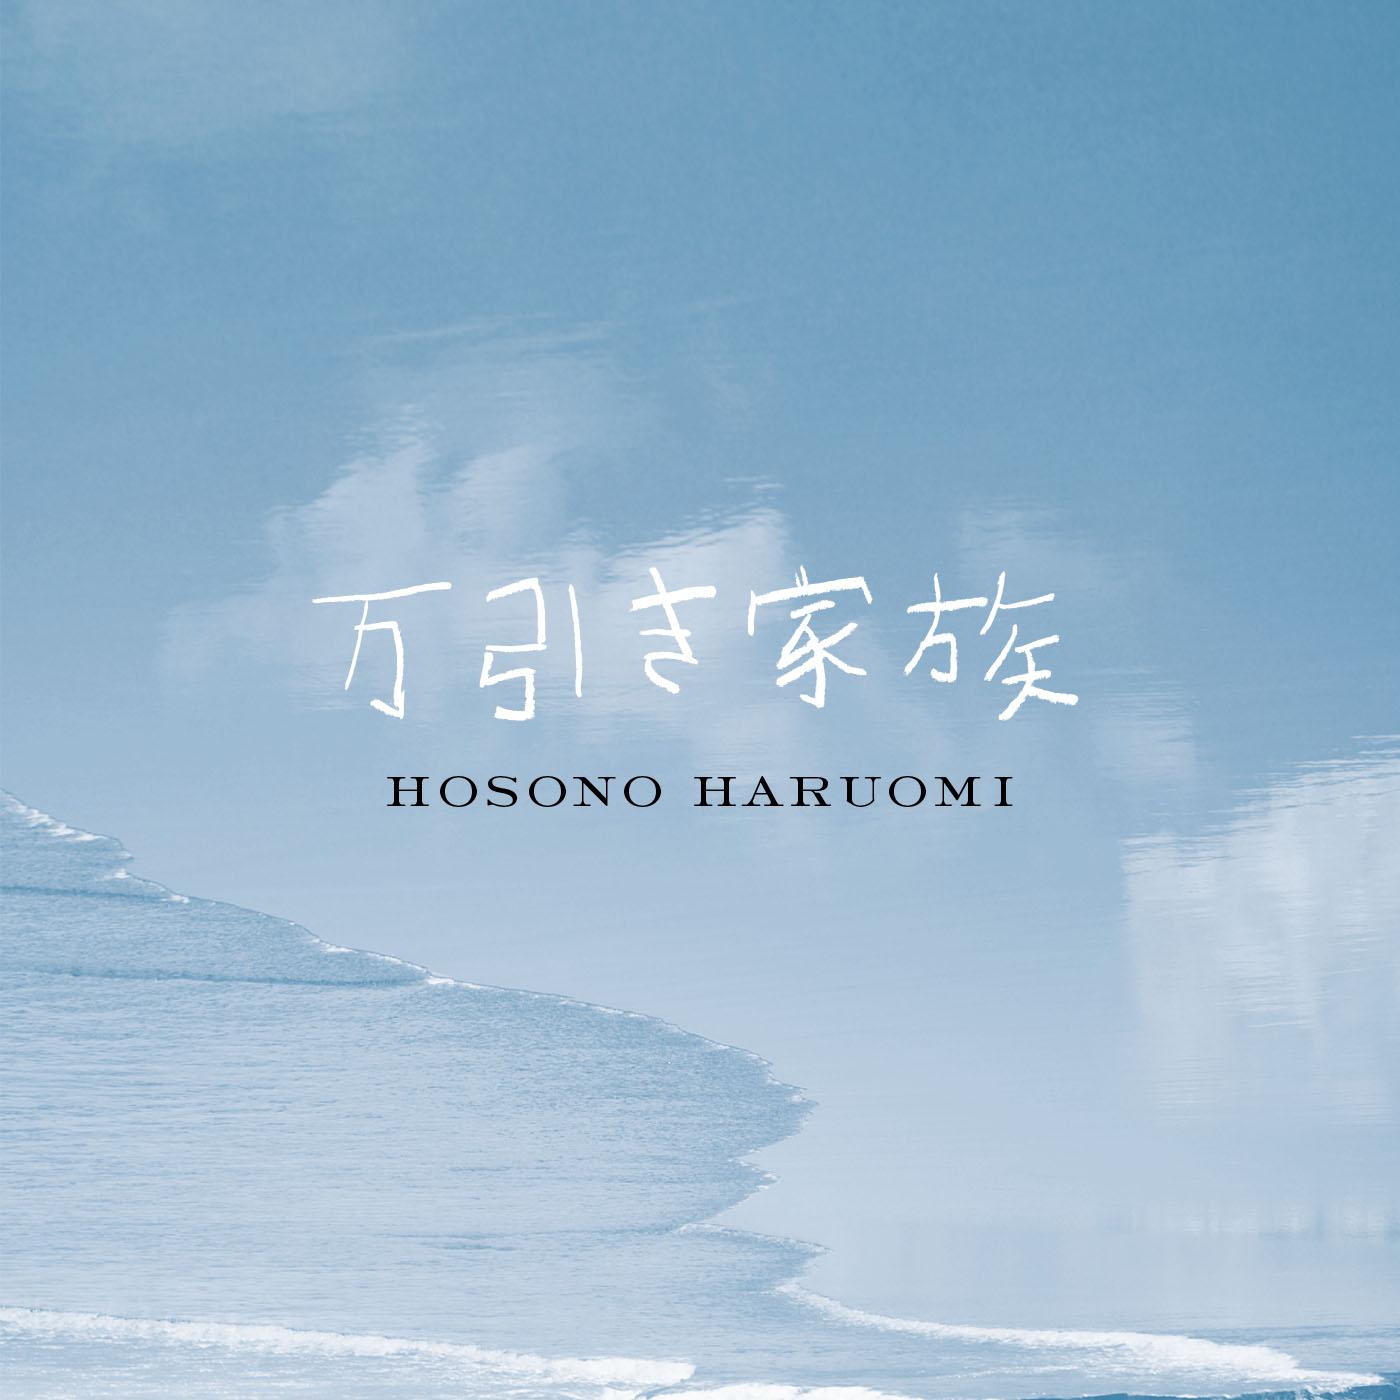 万引き家族(オリジナル・サウンドトラック)/細野晴臣*配信のみ